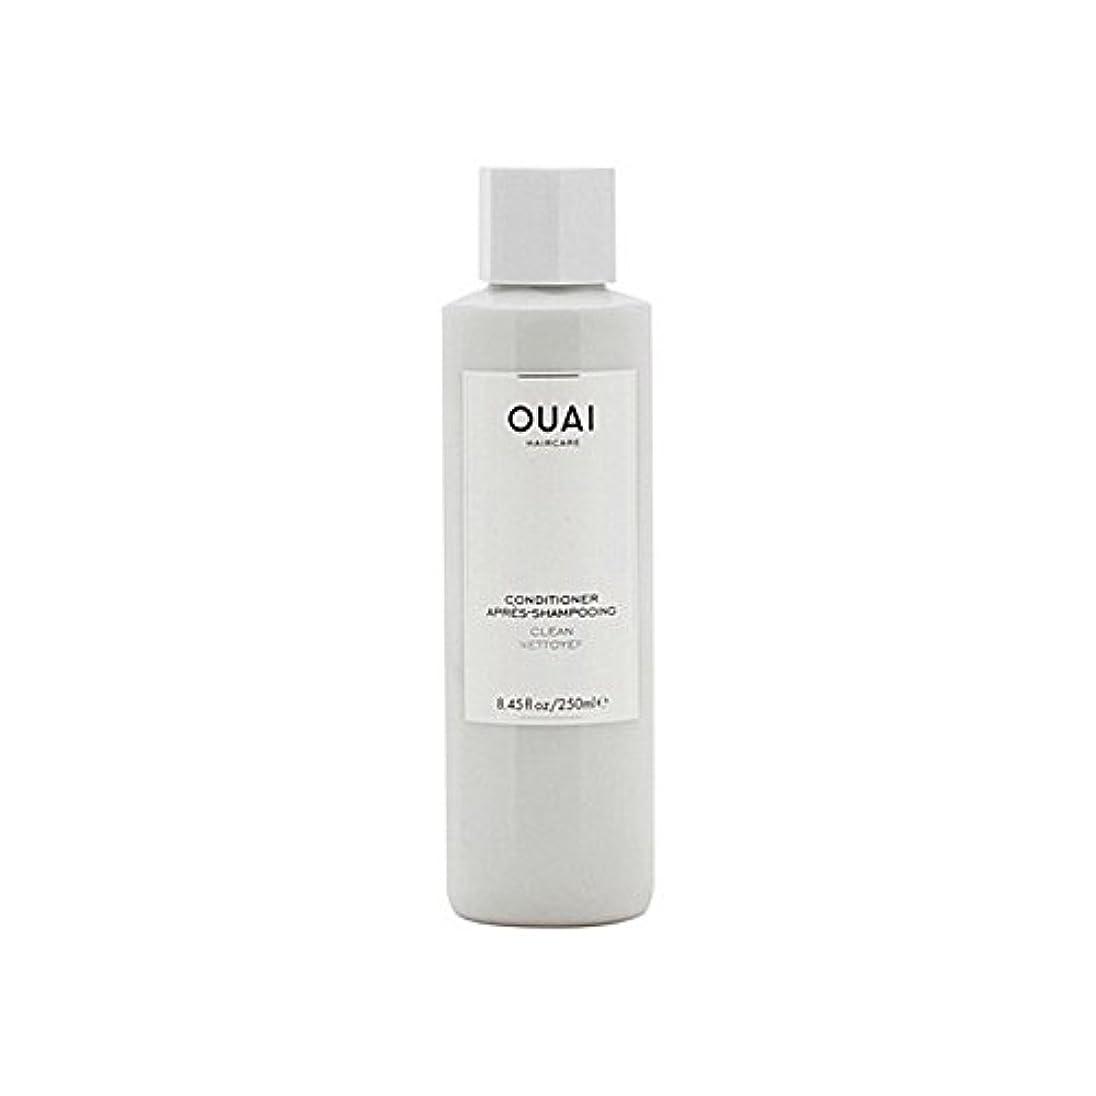 意義ミネラルサミュエルクリーンコンディショナー300ミリリットル x2 - Ouai Clean Conditioner 300ml (Pack of 2) [並行輸入品]